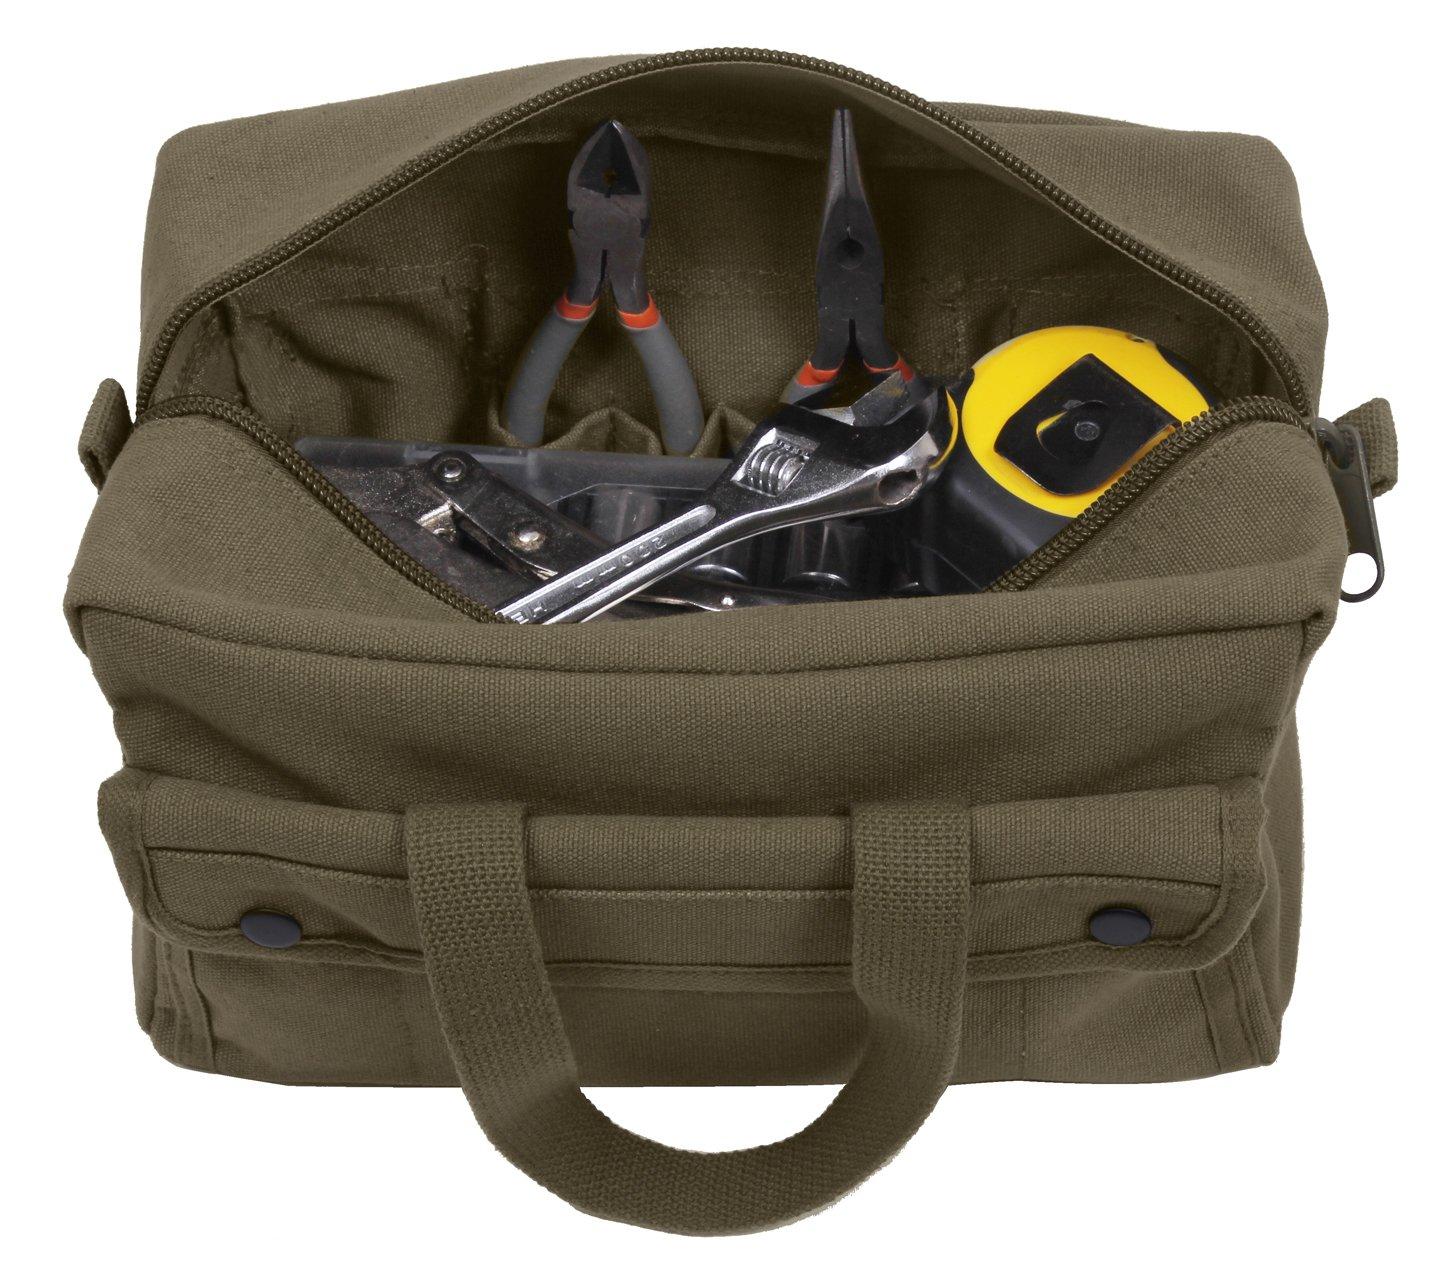 Rothco G.I. Type Mechanics Tool Bags, Olive Drab